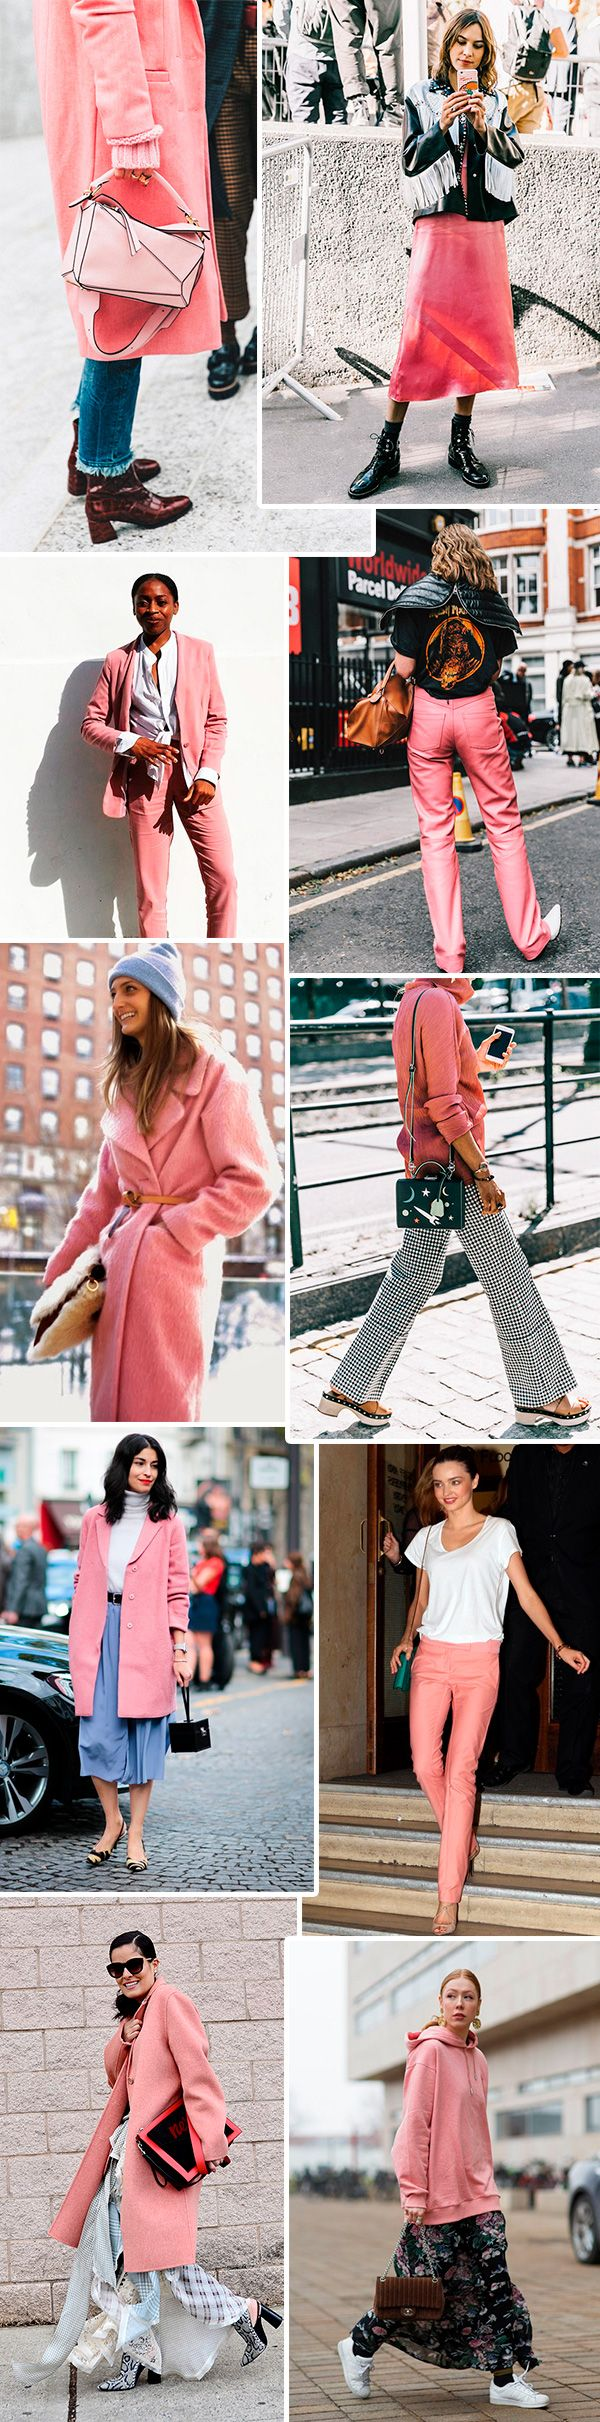 25+ melhores ideias sobre Moda urbana no Pinterest  ~ Quarto Rosa Goiaba